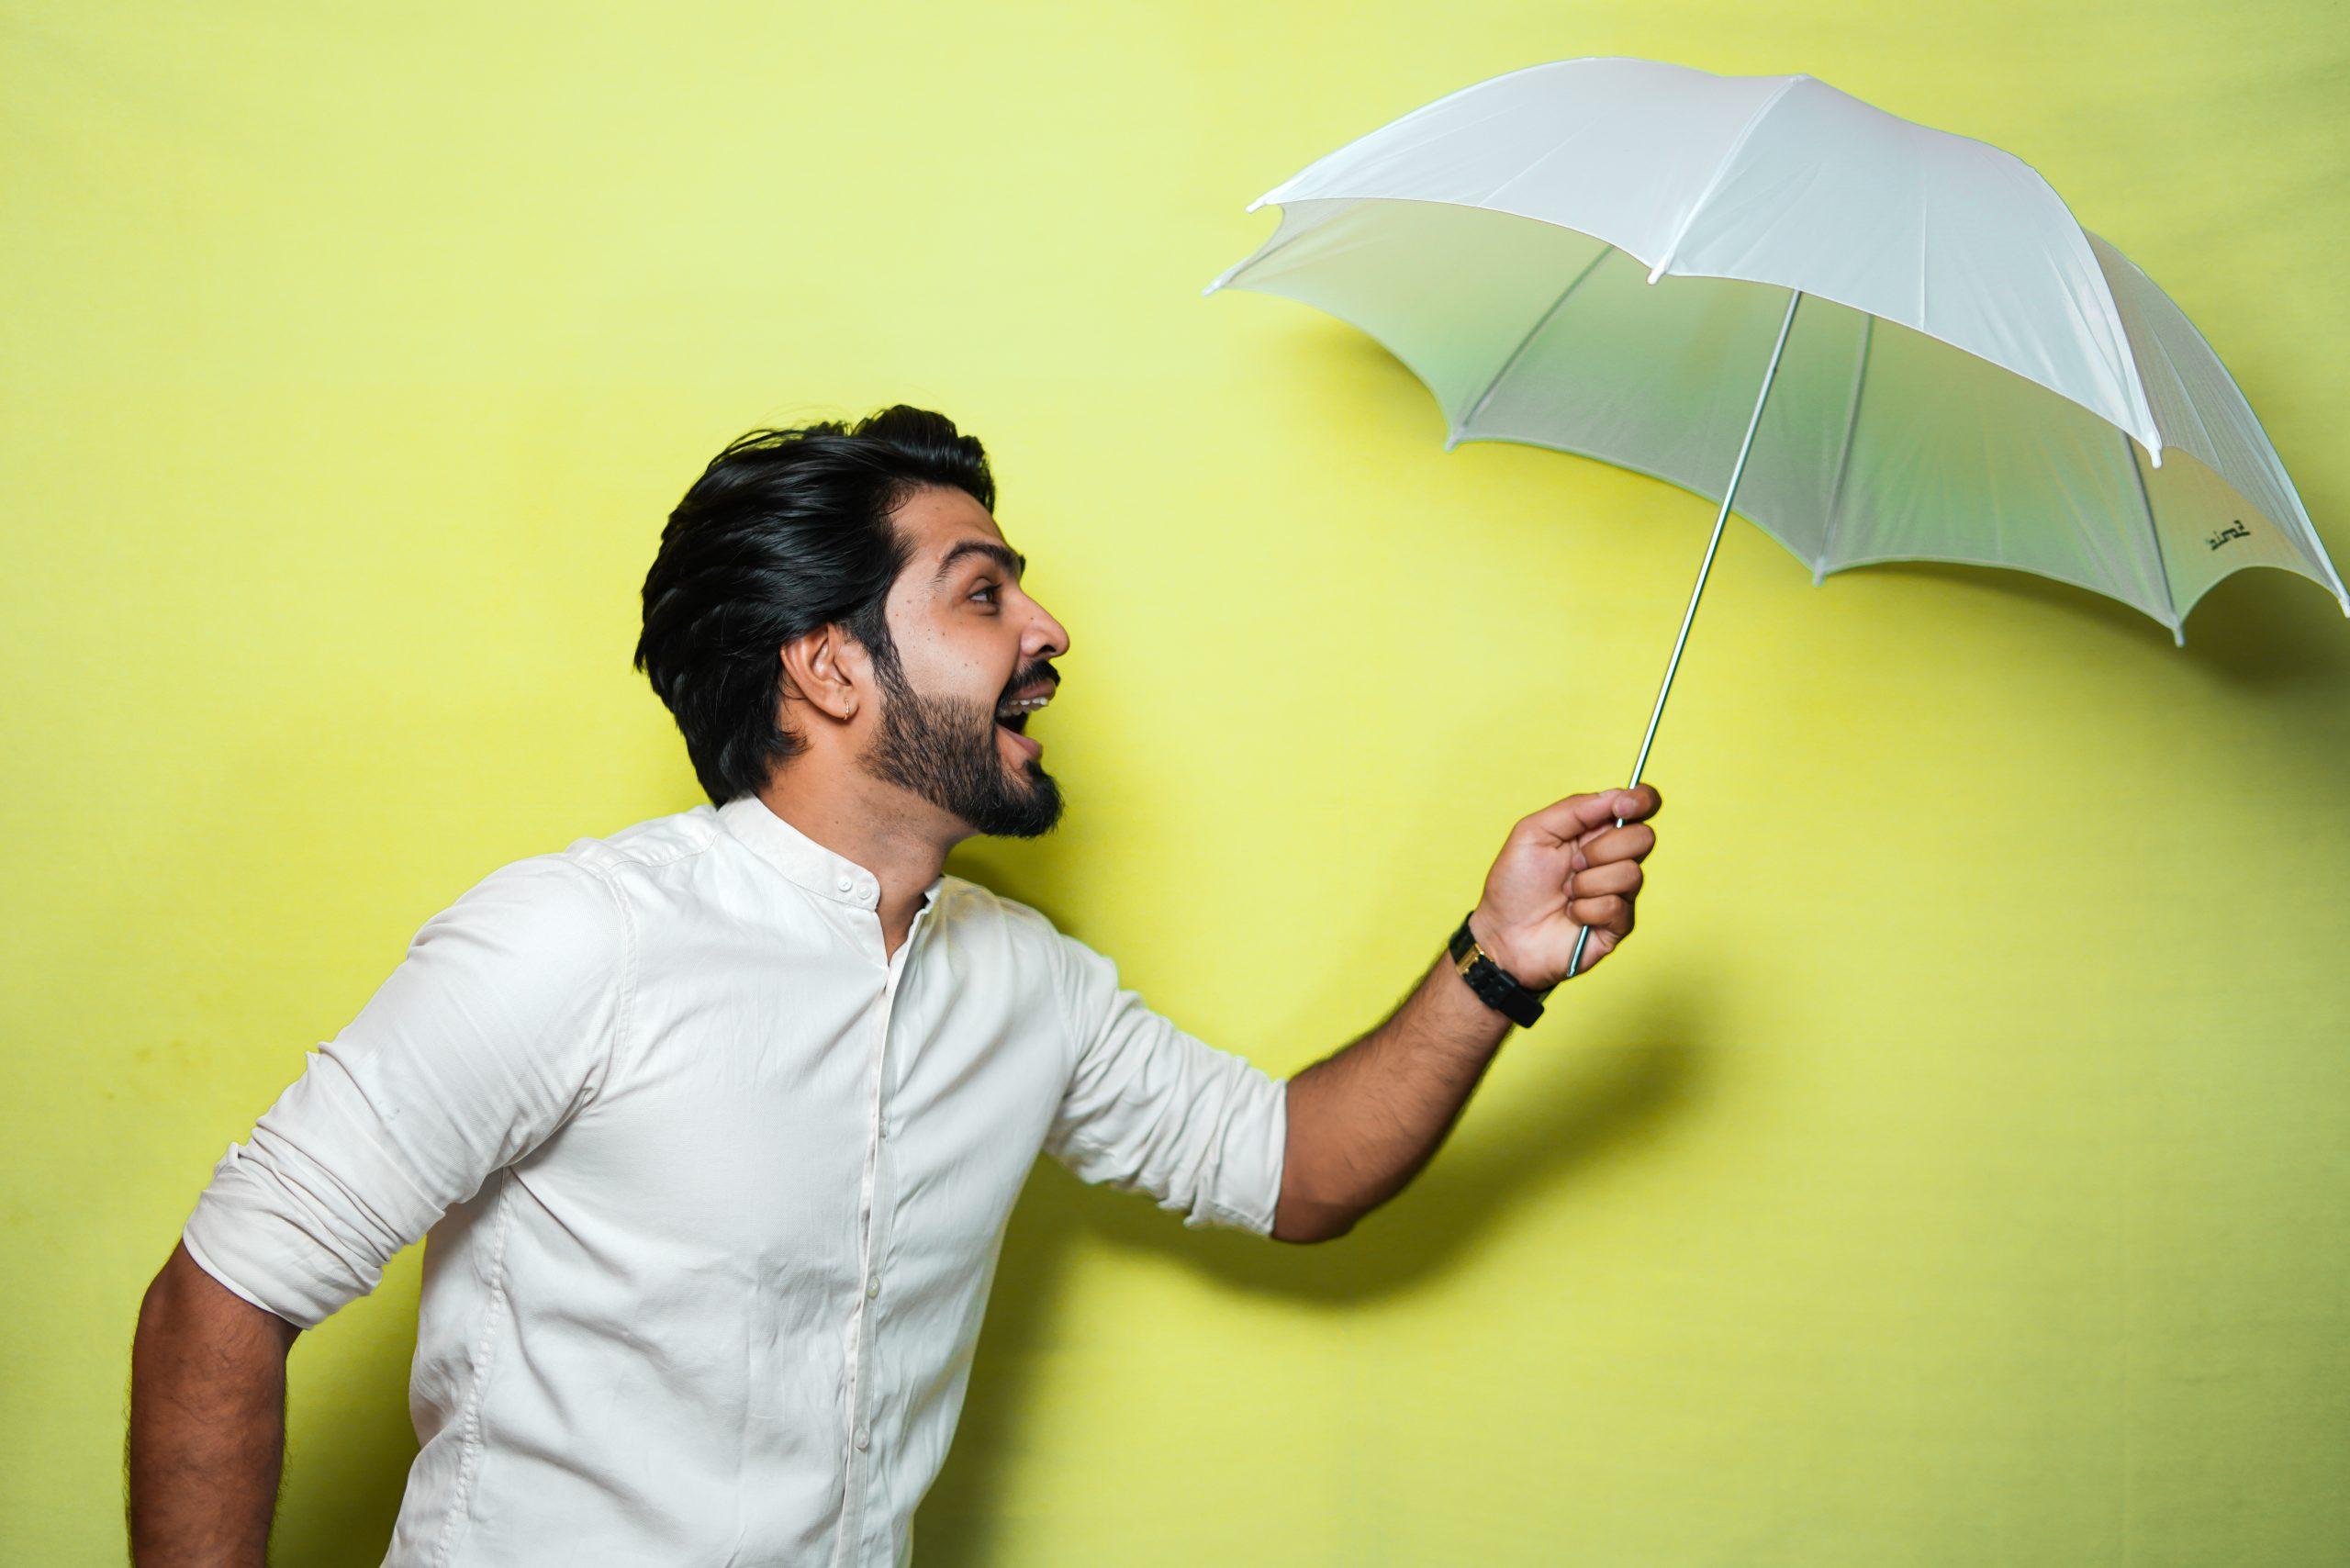 Male with umbrella